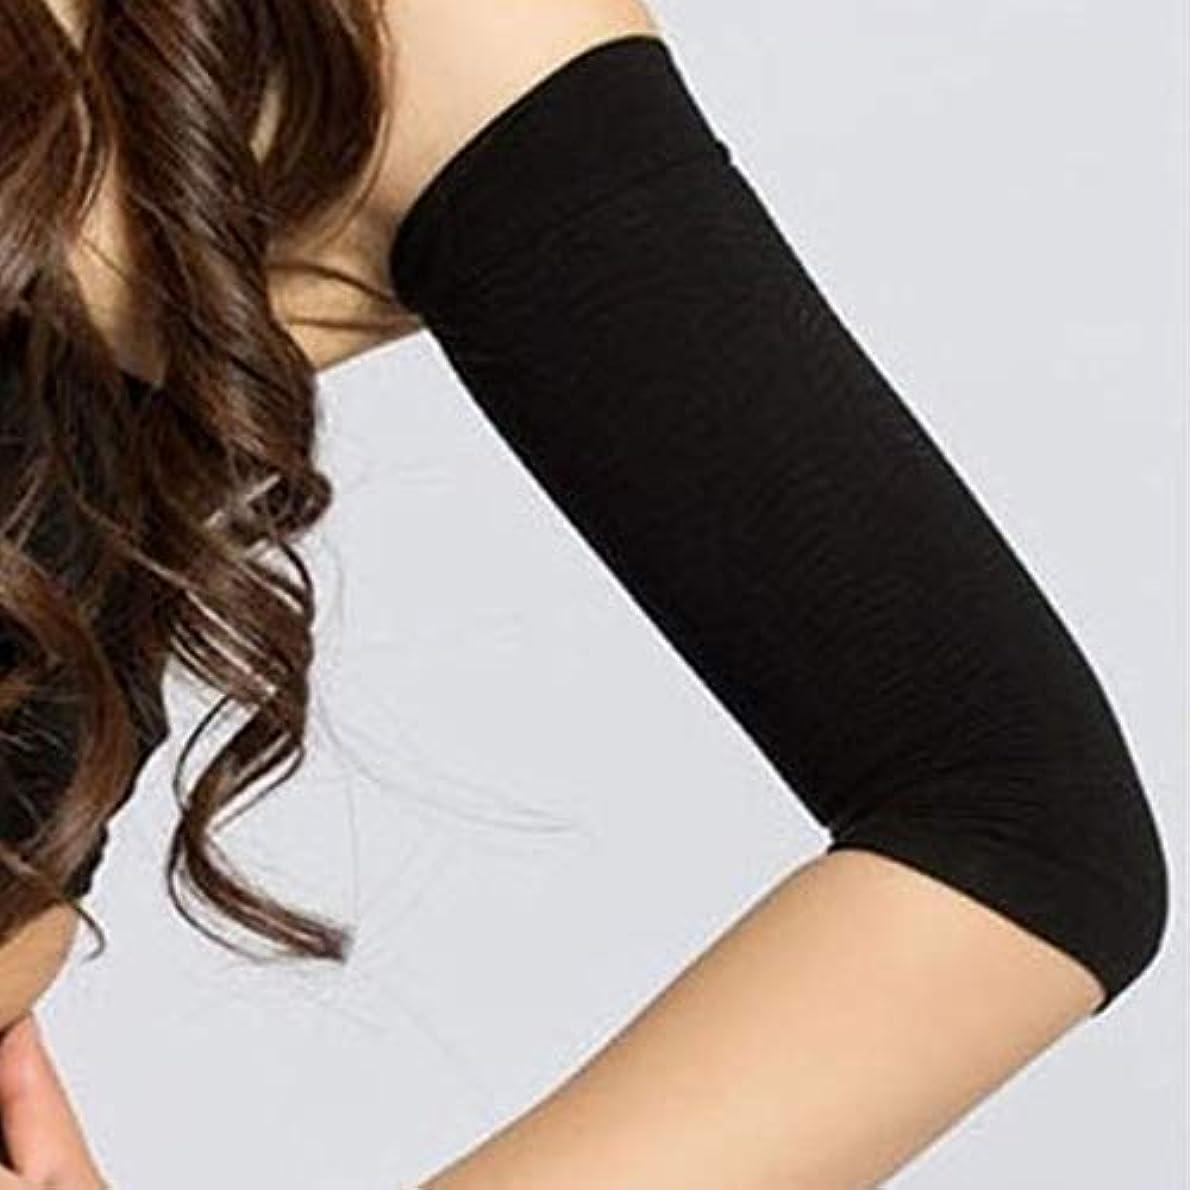 再生誠実免除する1ペア420 d圧縮痩身アームスリーブワークアウトトーニングバーンセルライトシェイパー脂肪燃焼袖用女性